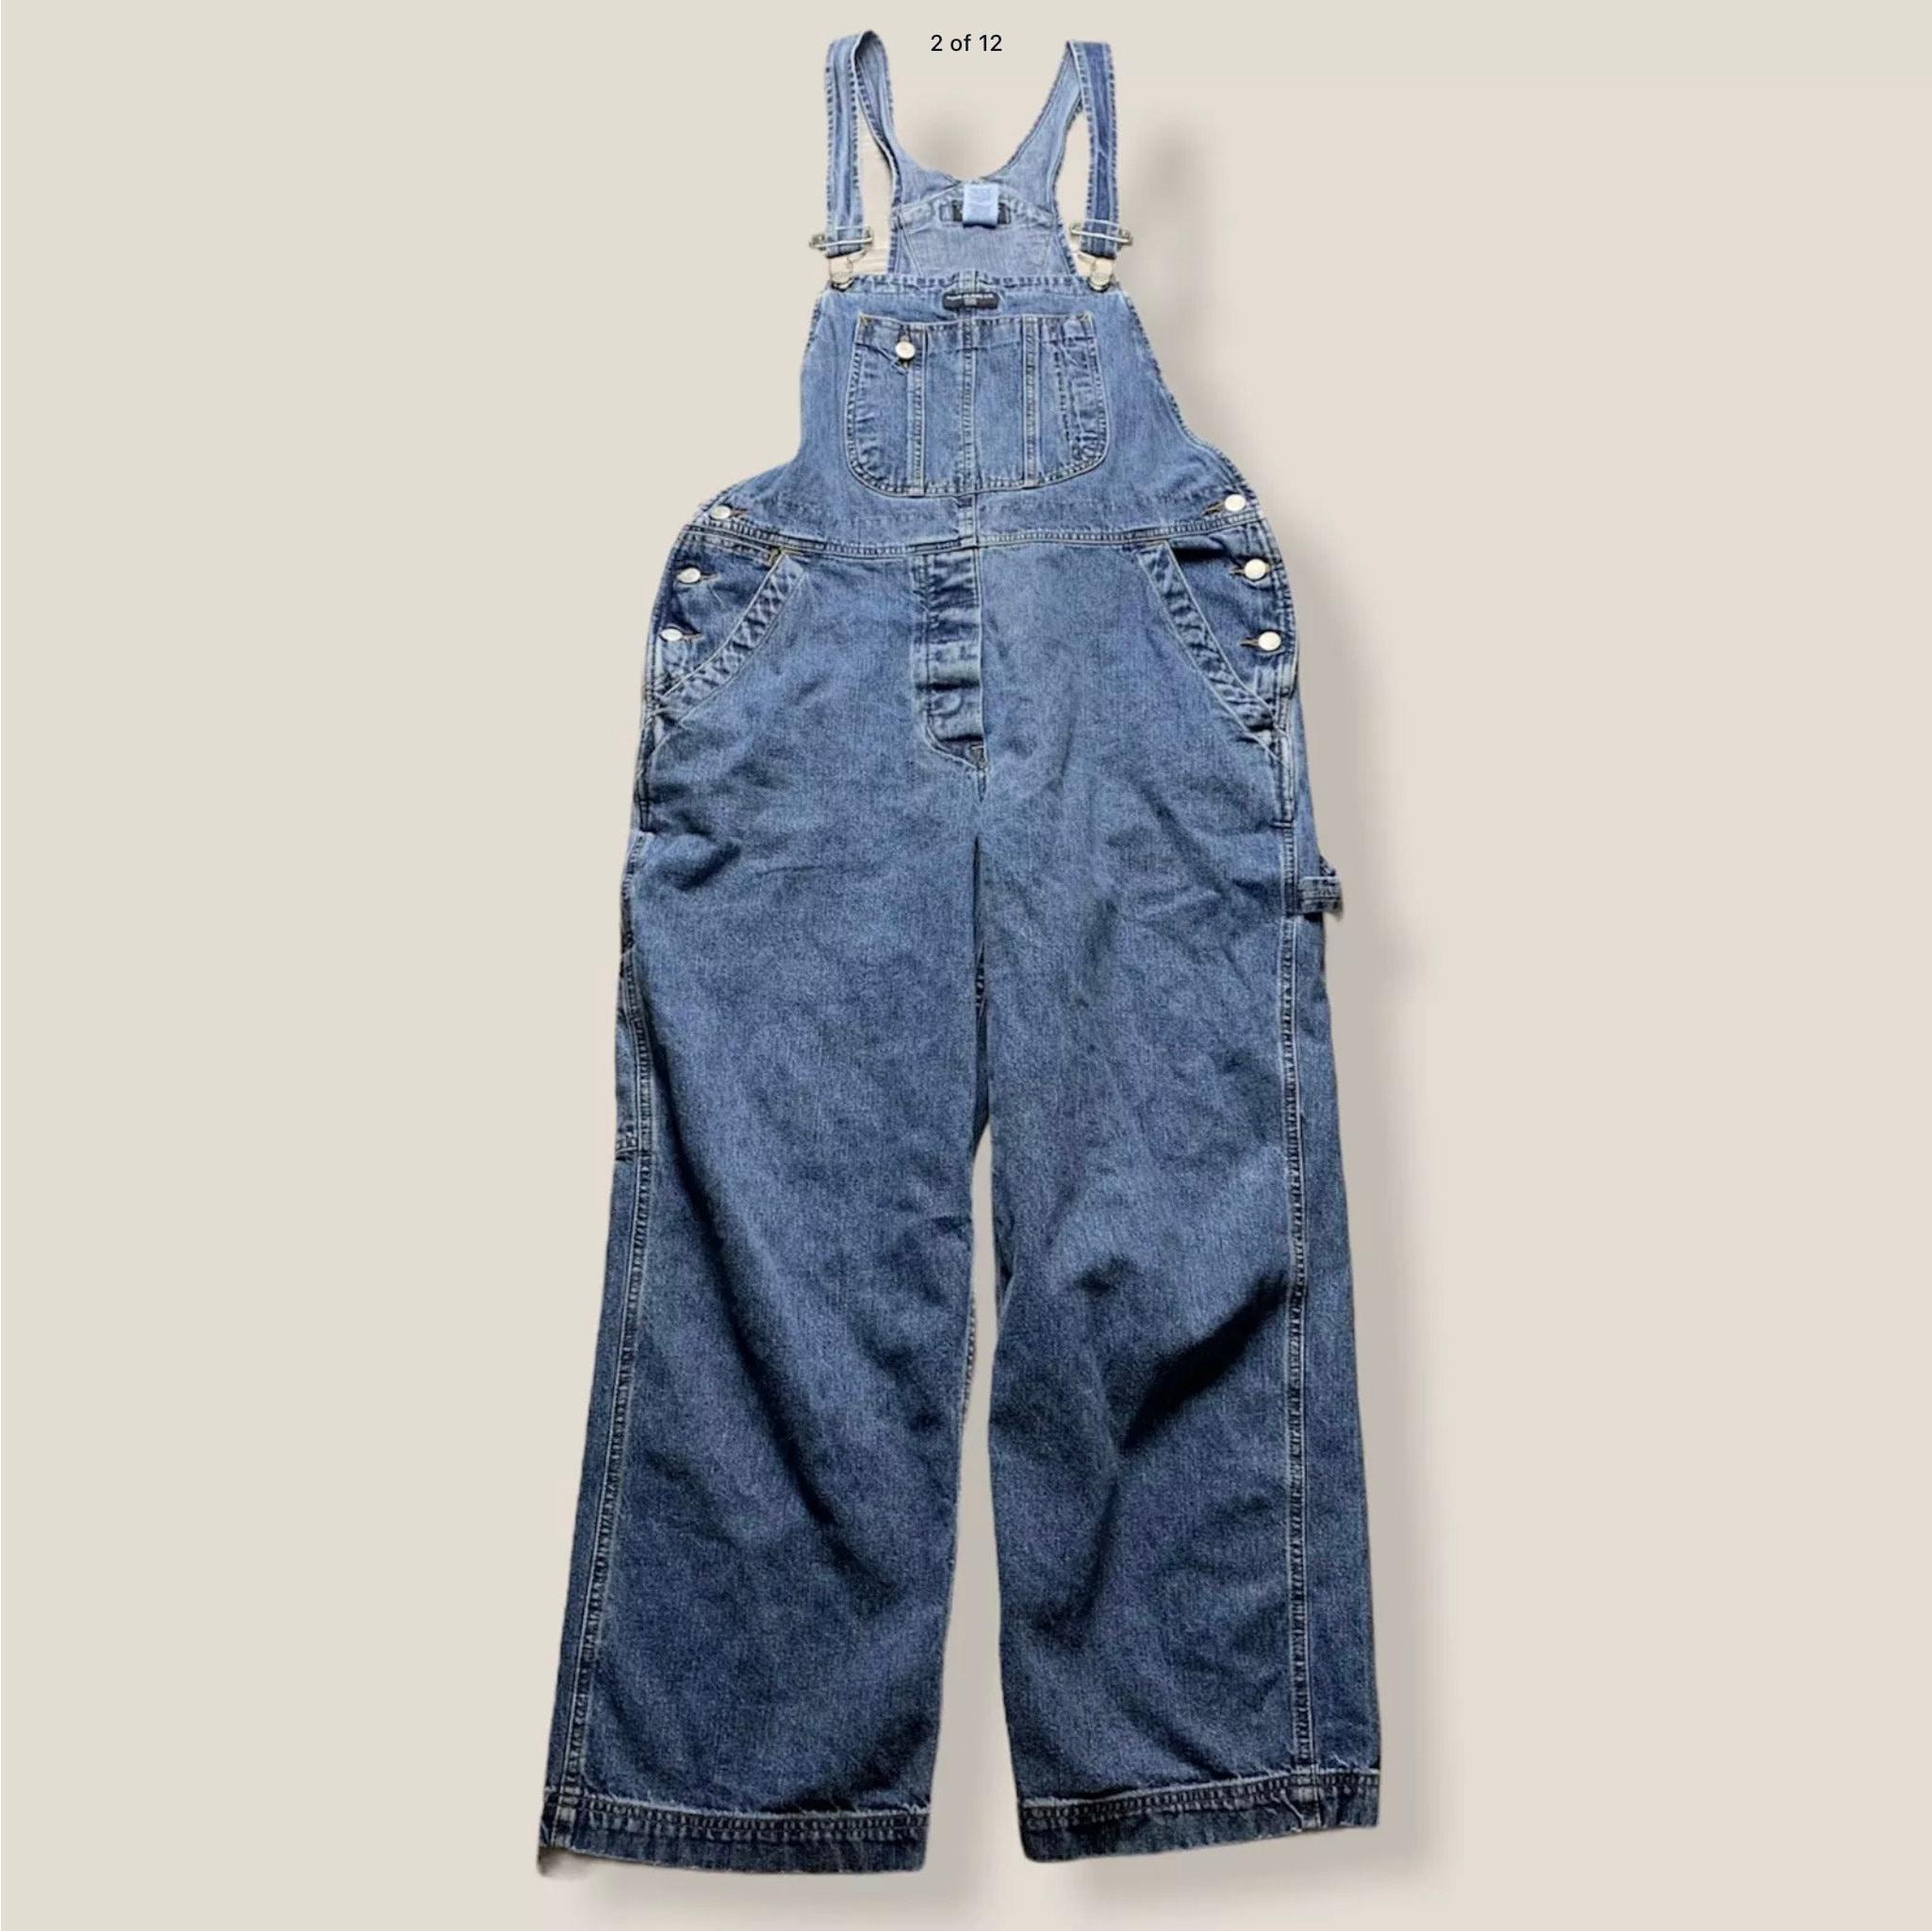 Vintage Overalls & Jumpsuits Vintage Ralph Lauren Denim Overalls, Retro Hip Hop Fashion, Size L 1990s Jean Clothing Gift For Men Or Women $35.00 AT vintagedancer.com